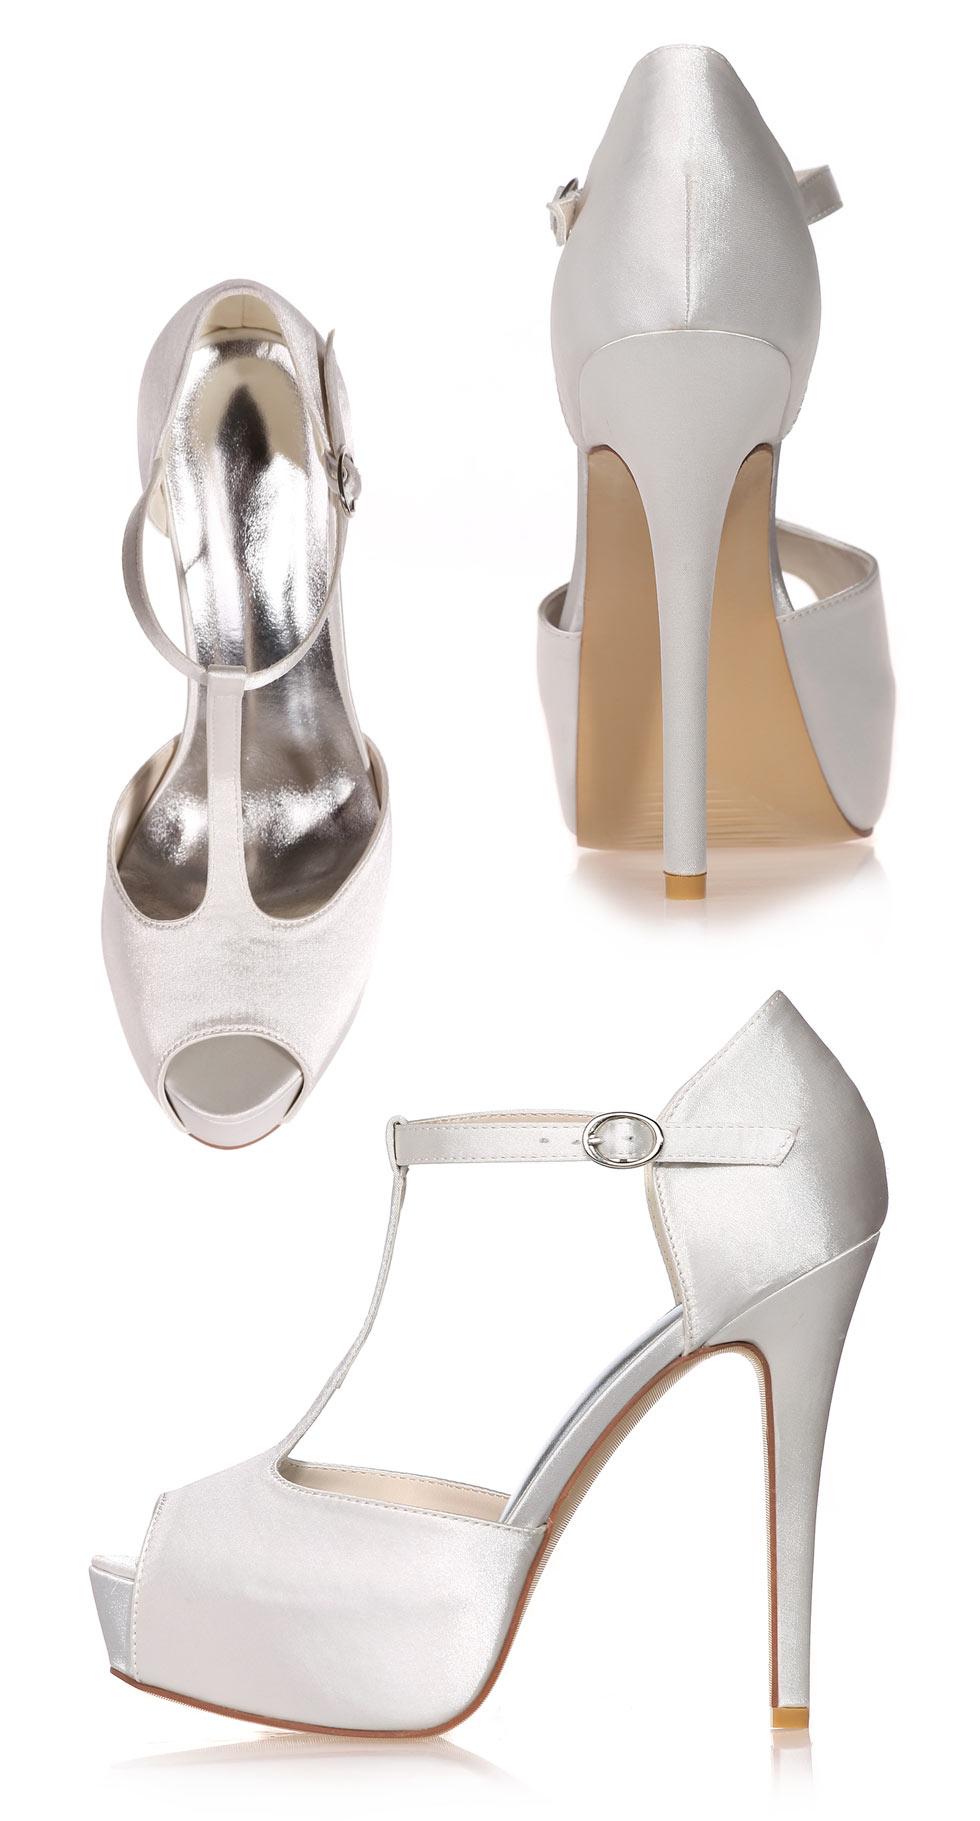 sandales style salomé talon 13 cm très haut